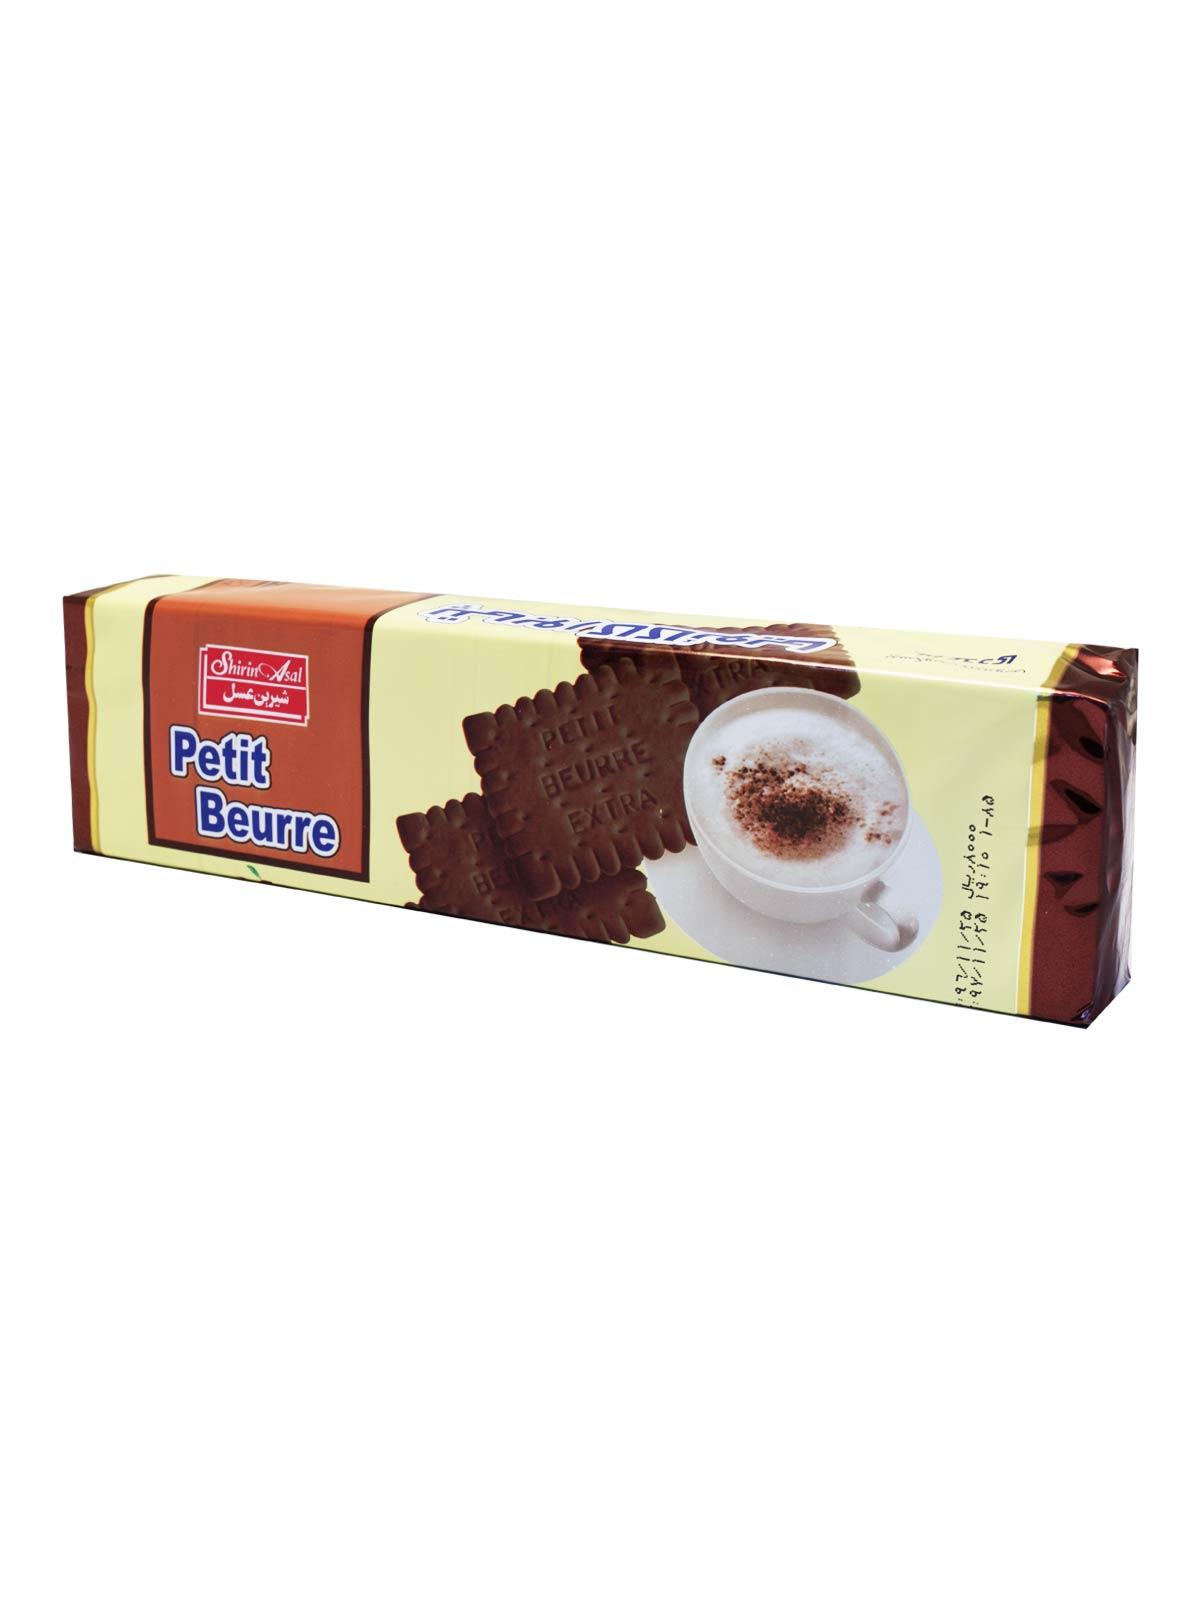 بیسکویت شیرین عسل پتی بور کاکائو 30 عددی